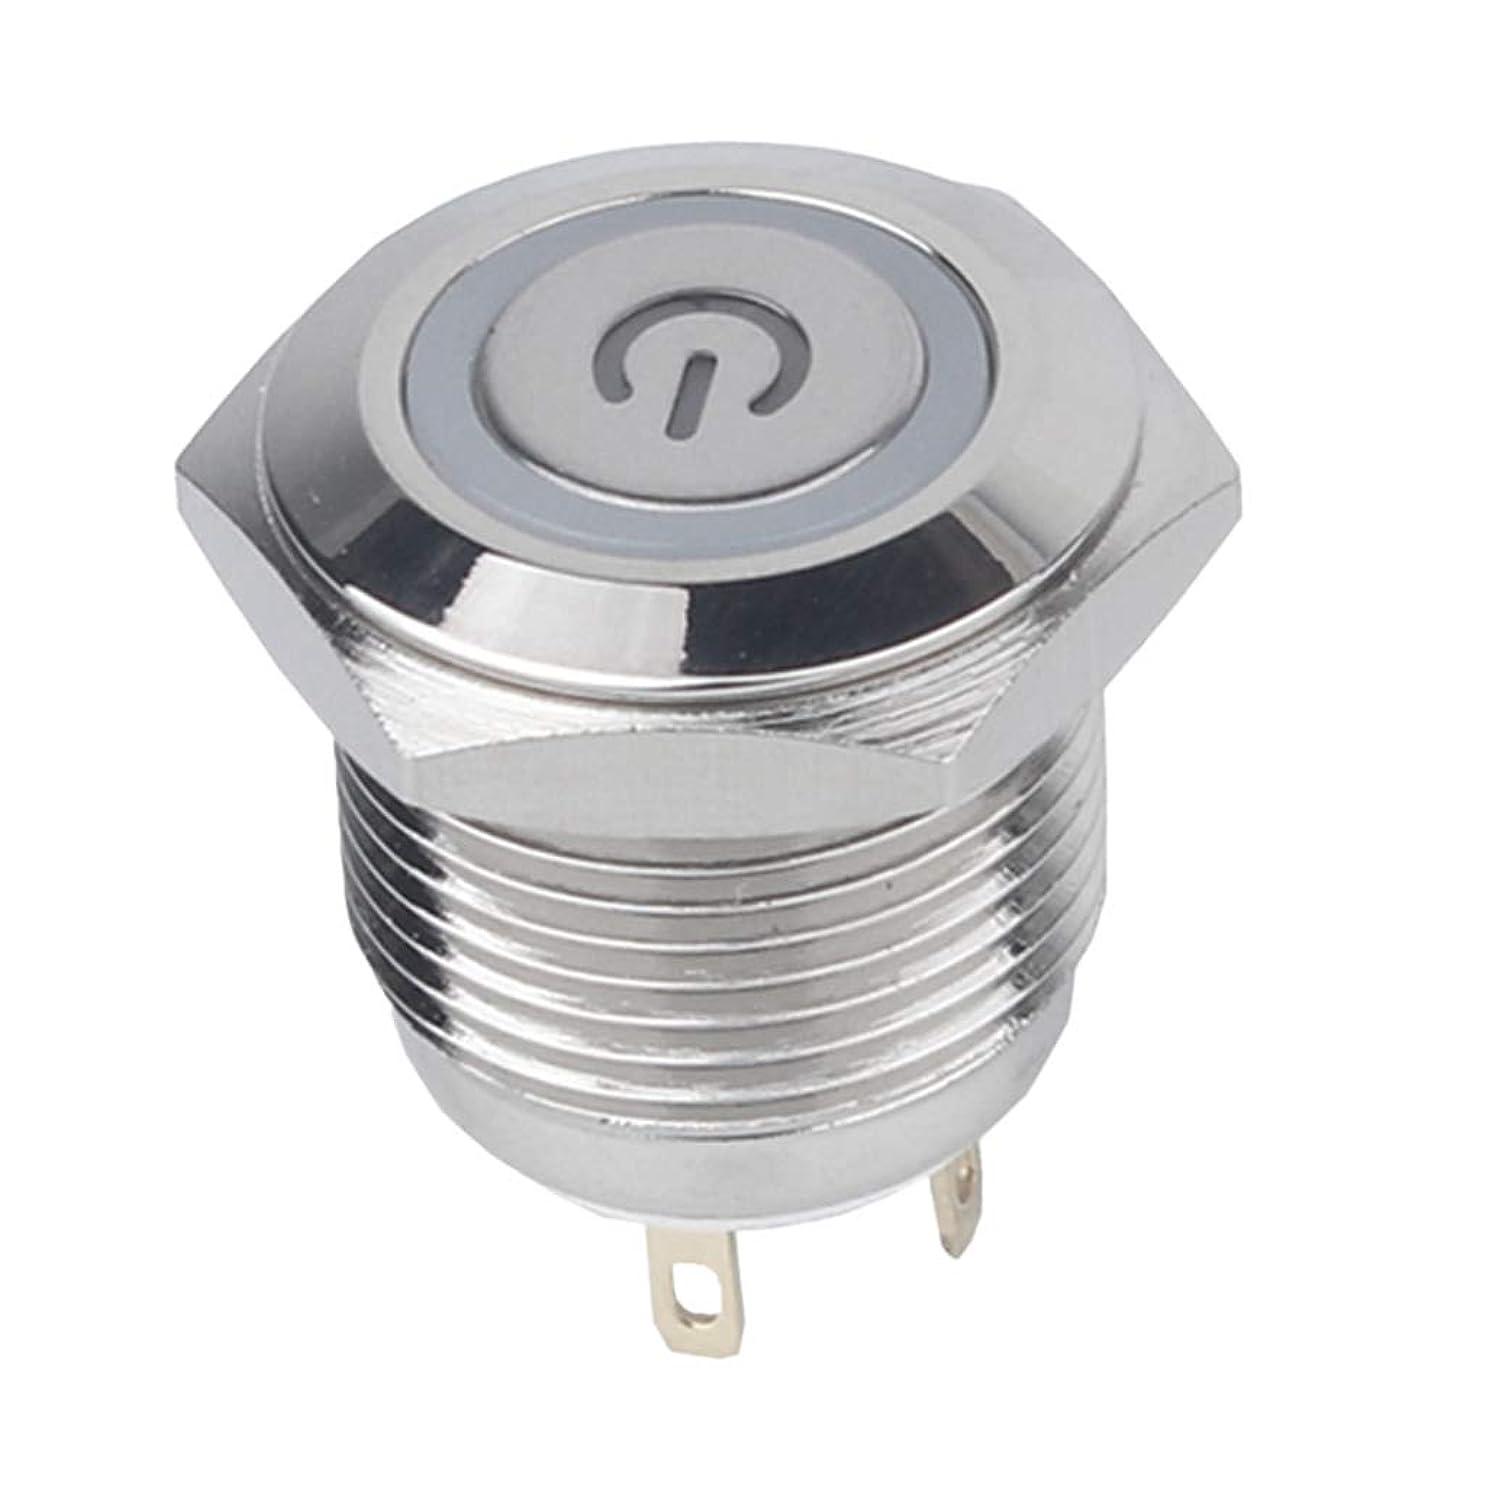 付き添い人行アナニバーShiwaki ステンレスアクティベータースイッチ白色光コントローラー